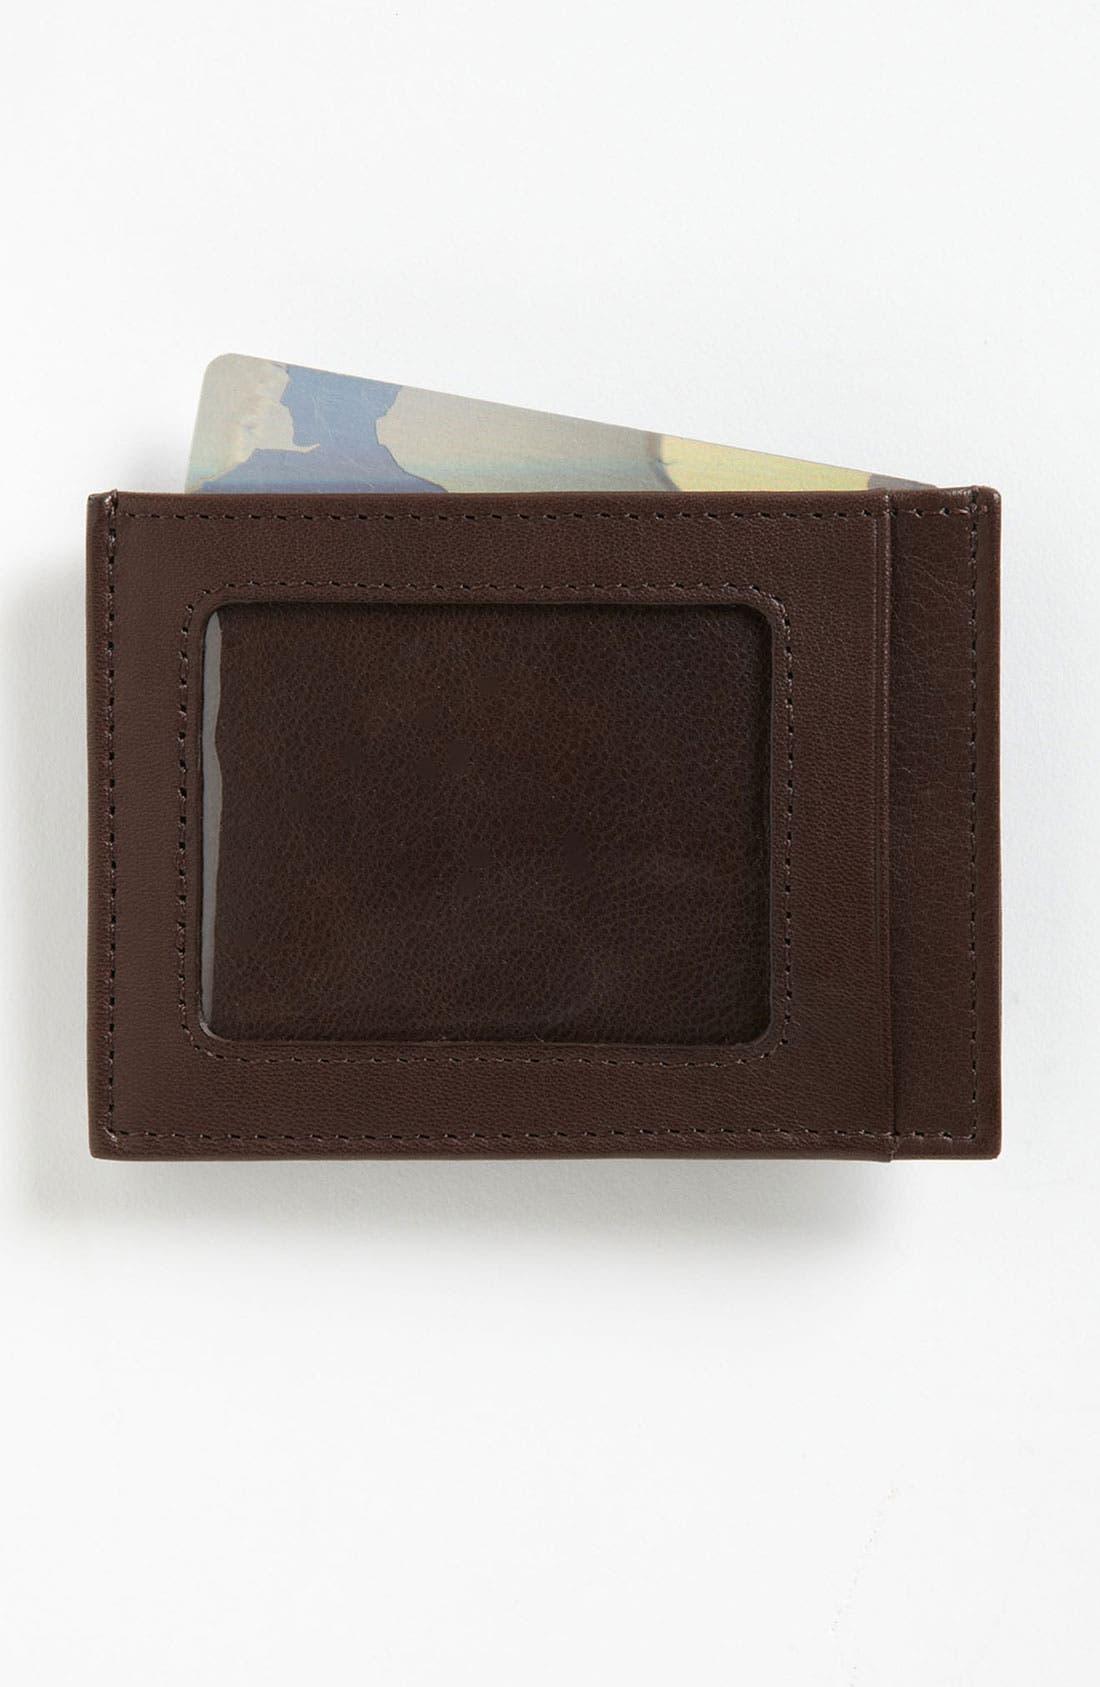 Main Image - Trafalgar 'Alicante' Money Clip Wallet